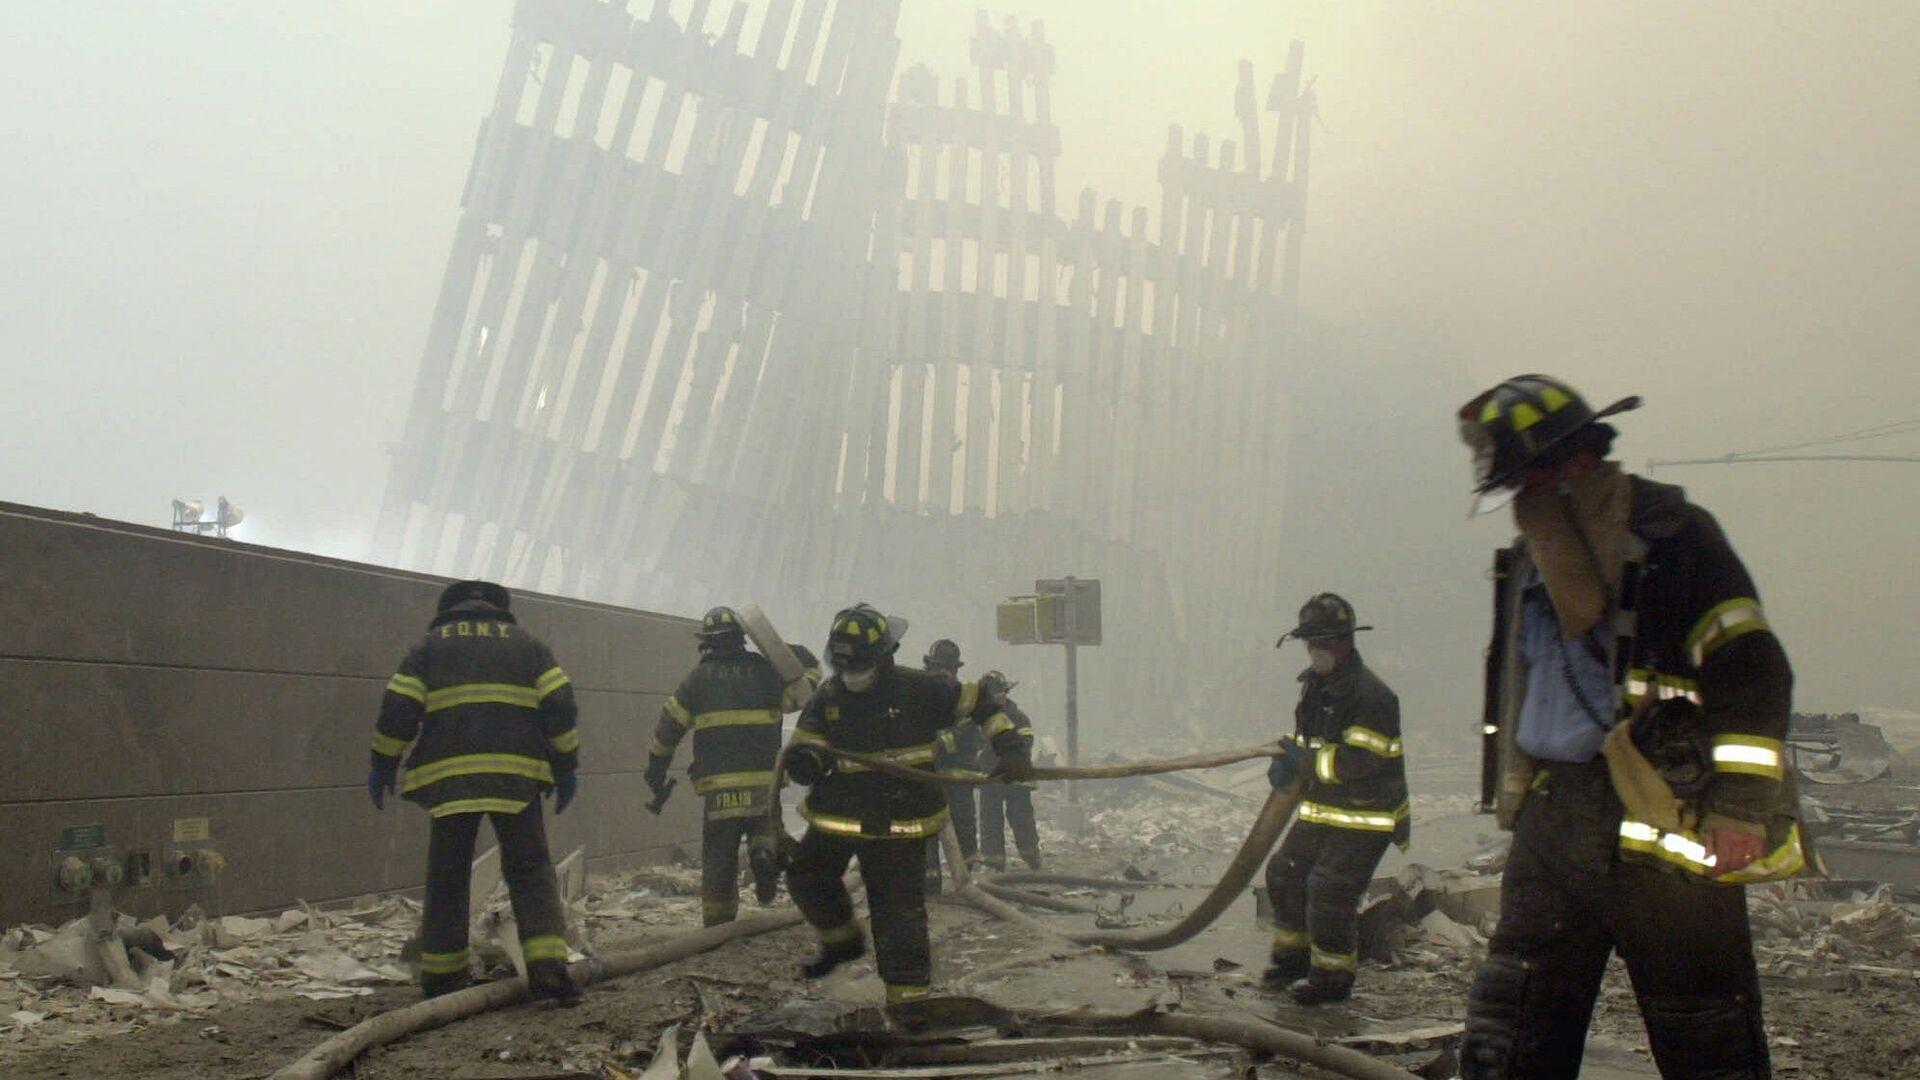 Bomberos de Nueva York trabajando en el sitio de los atentados del 11 de septiembre de 2001 - Sputnik Mundo, 1920, 10.09.2021